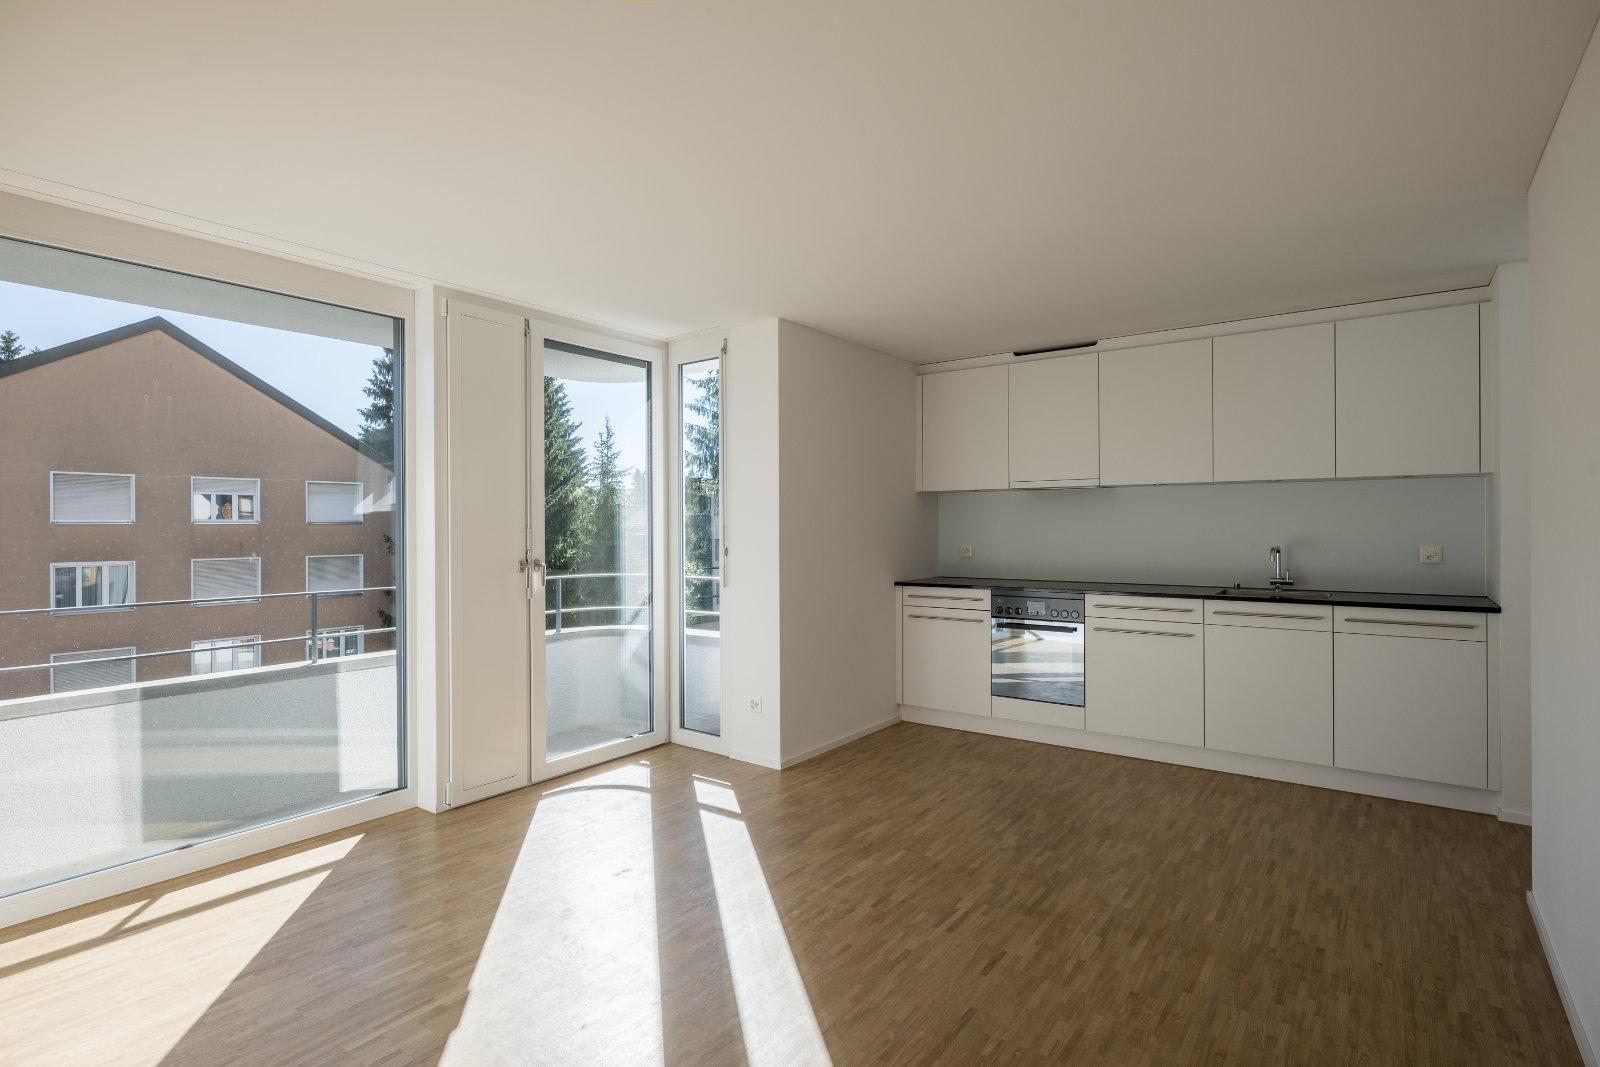 Wohnküche des Mehrfamilienhauses an der Altmannstrasse